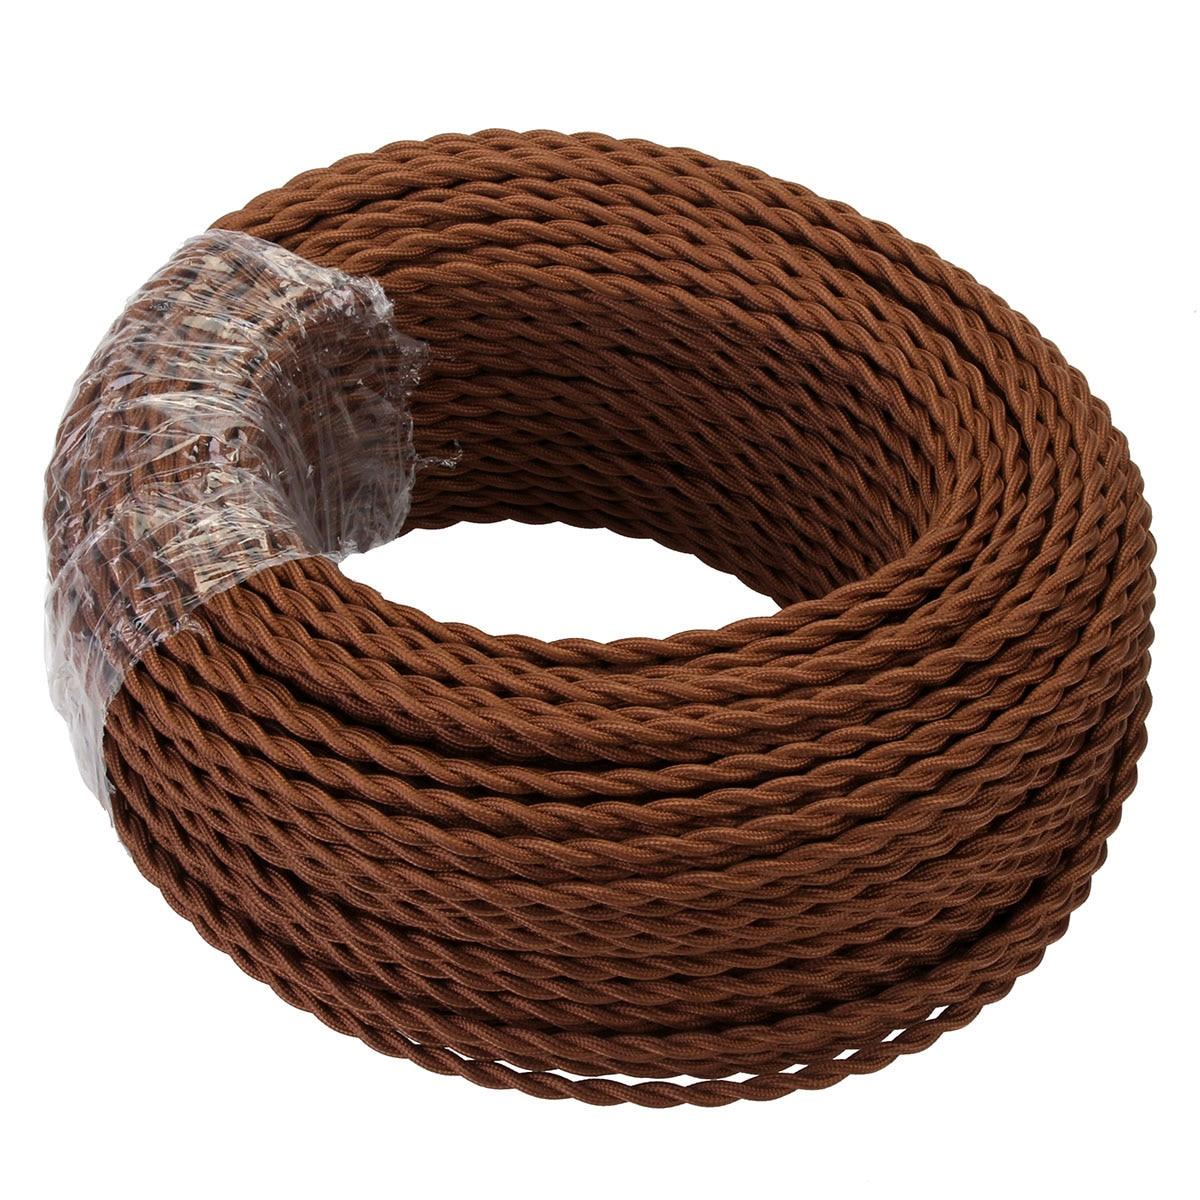 Cable de cuerda eléctrico de 2 núcleos de 5/10/20 metros de café Cable de iluminación trenzado antiguo Cable de seda tejida Flexible Cable de alambre